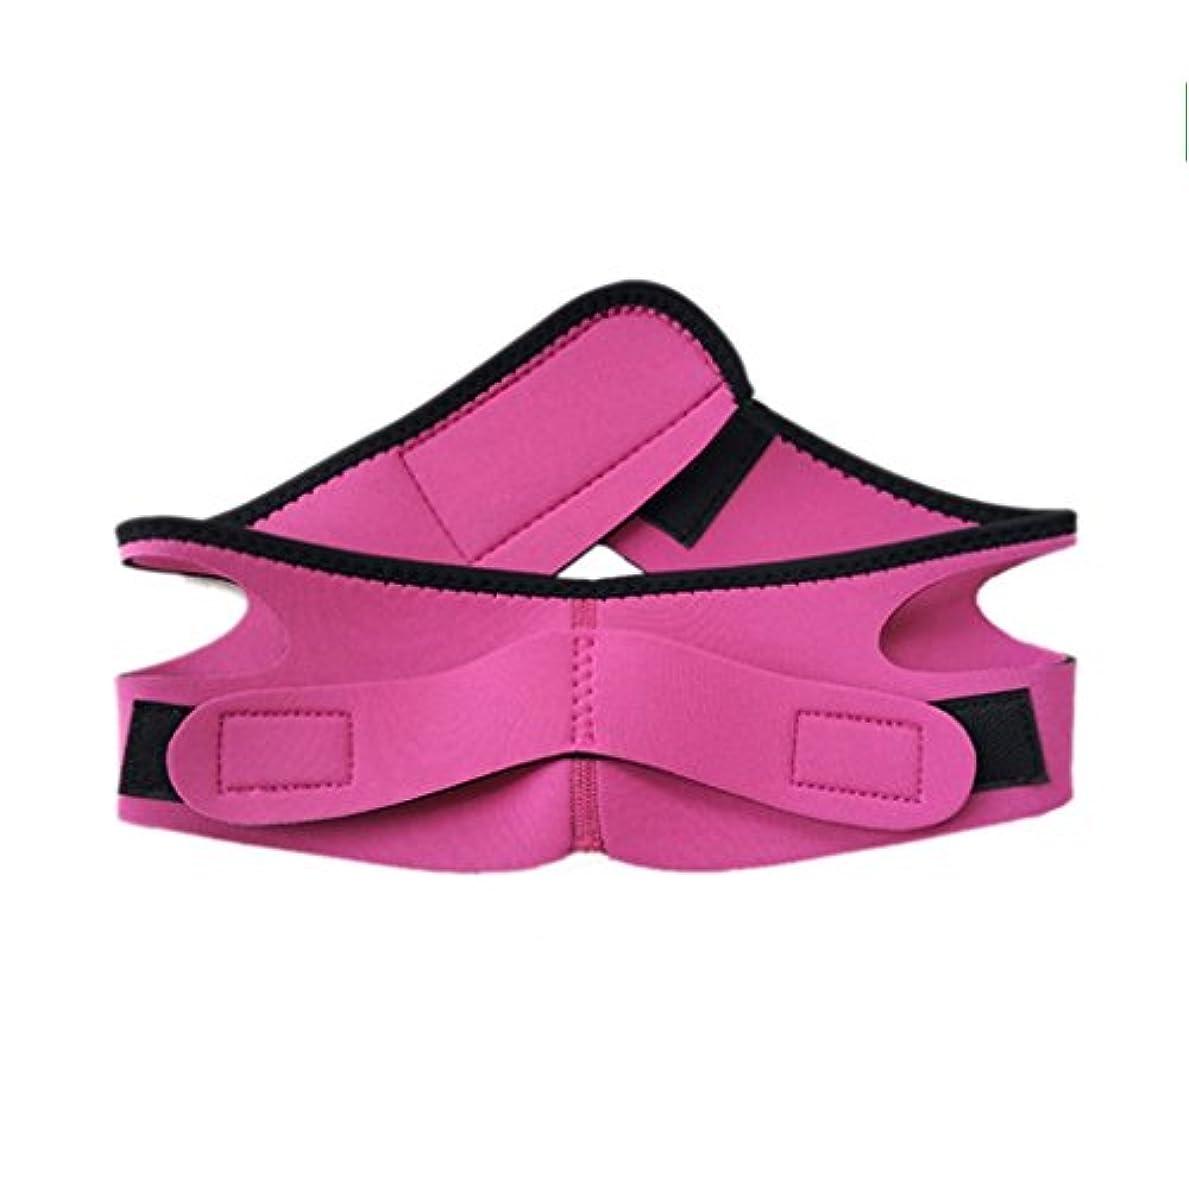 バンク民主主義ばかQi いびき予防、あごの下の顎の転倒 - ベルトを止める - 口呼吸を防ぐ私はいびきを起こす - 眠りと睡眠の矯正アーティファクト(68cm * 8.5cm) Xia (色 : Pink)